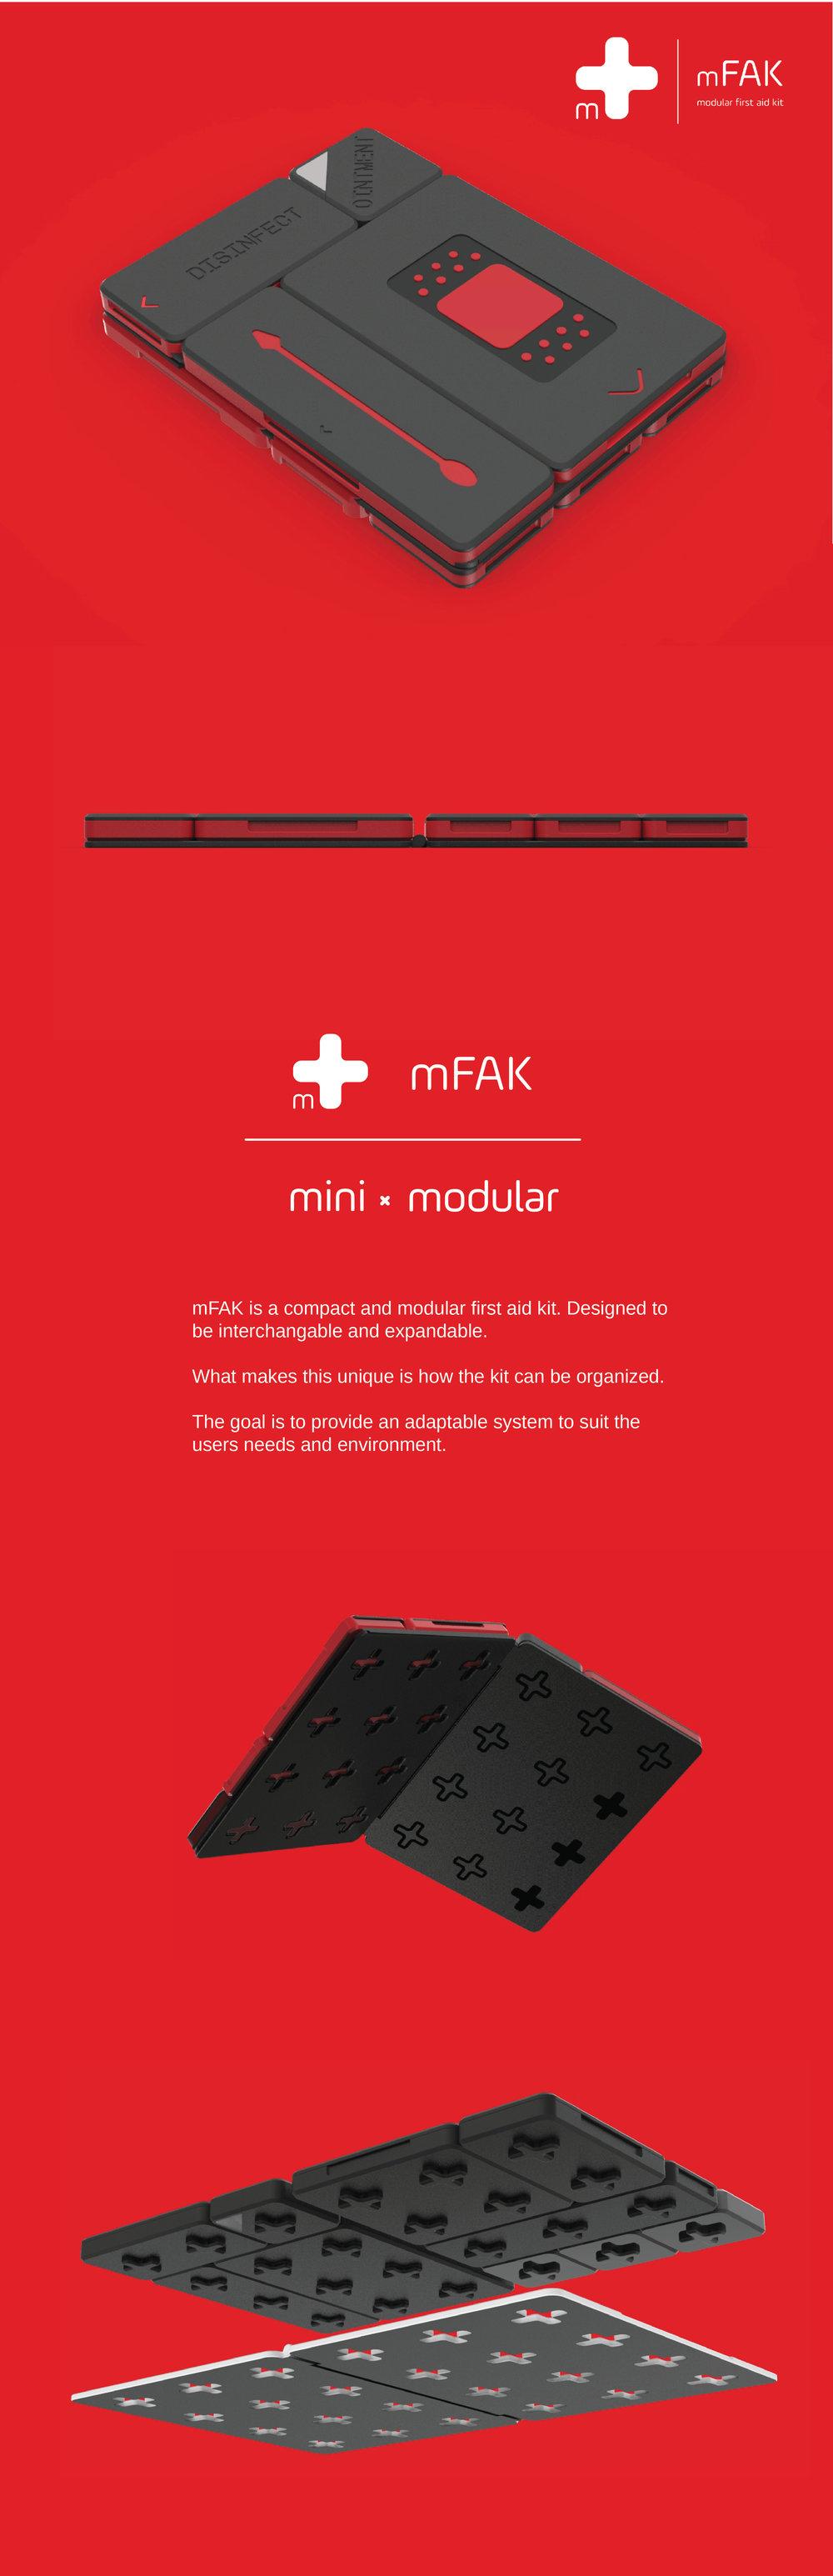 mFAK-v3-presentation.jpg